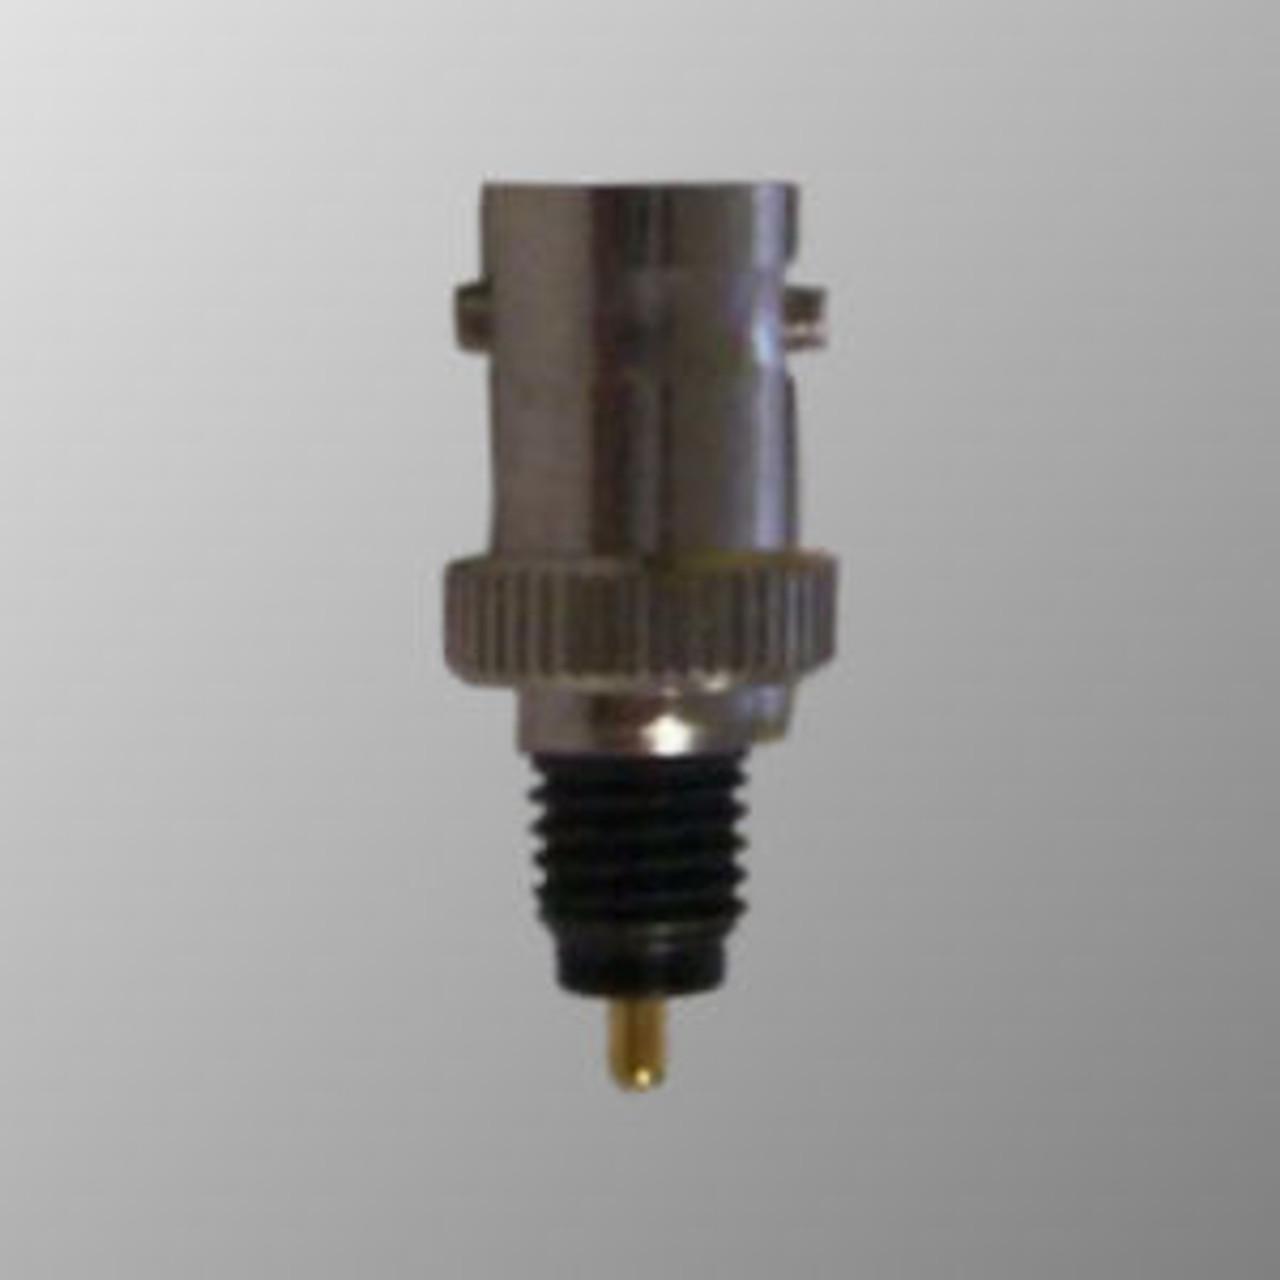 Harris XG-75 VHF/UHF Long Range External Mag Mount Antenna Kit- 132-525MHz